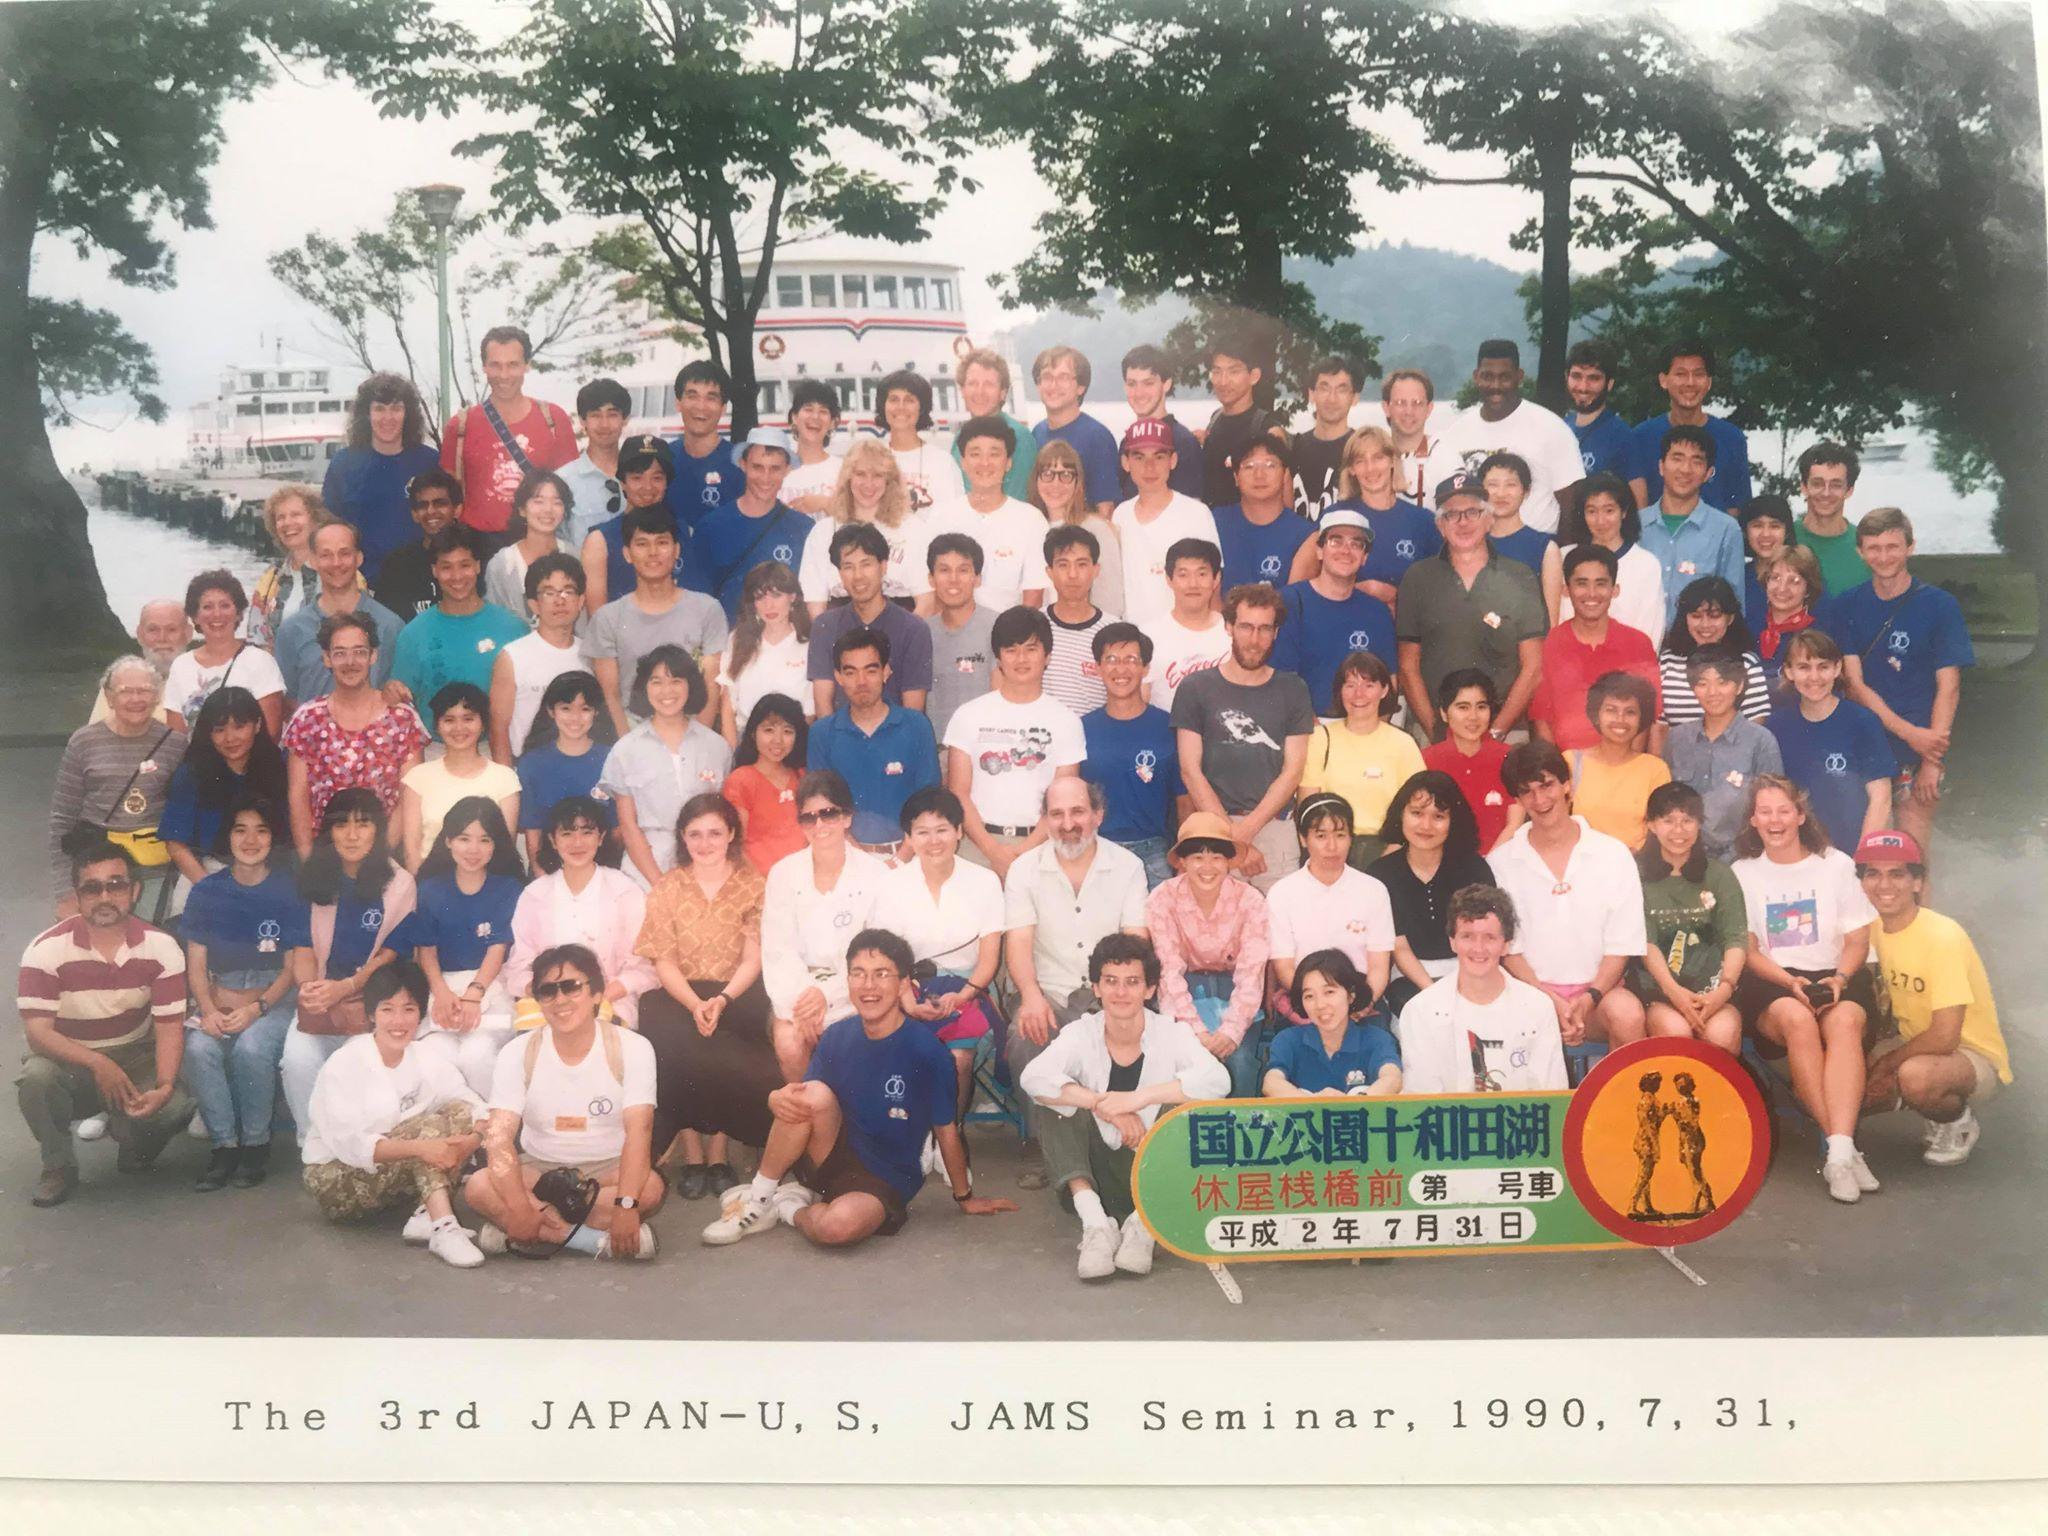 Участники третьего Японско-американского семинара Японской ассоциации математических наук (JAMS), справа в третьем сверху ряду — американский физик профессор Шелдон Ли Глэшоу (Sheldon Lee Glashow) и автор эссе, Александр Кабанов